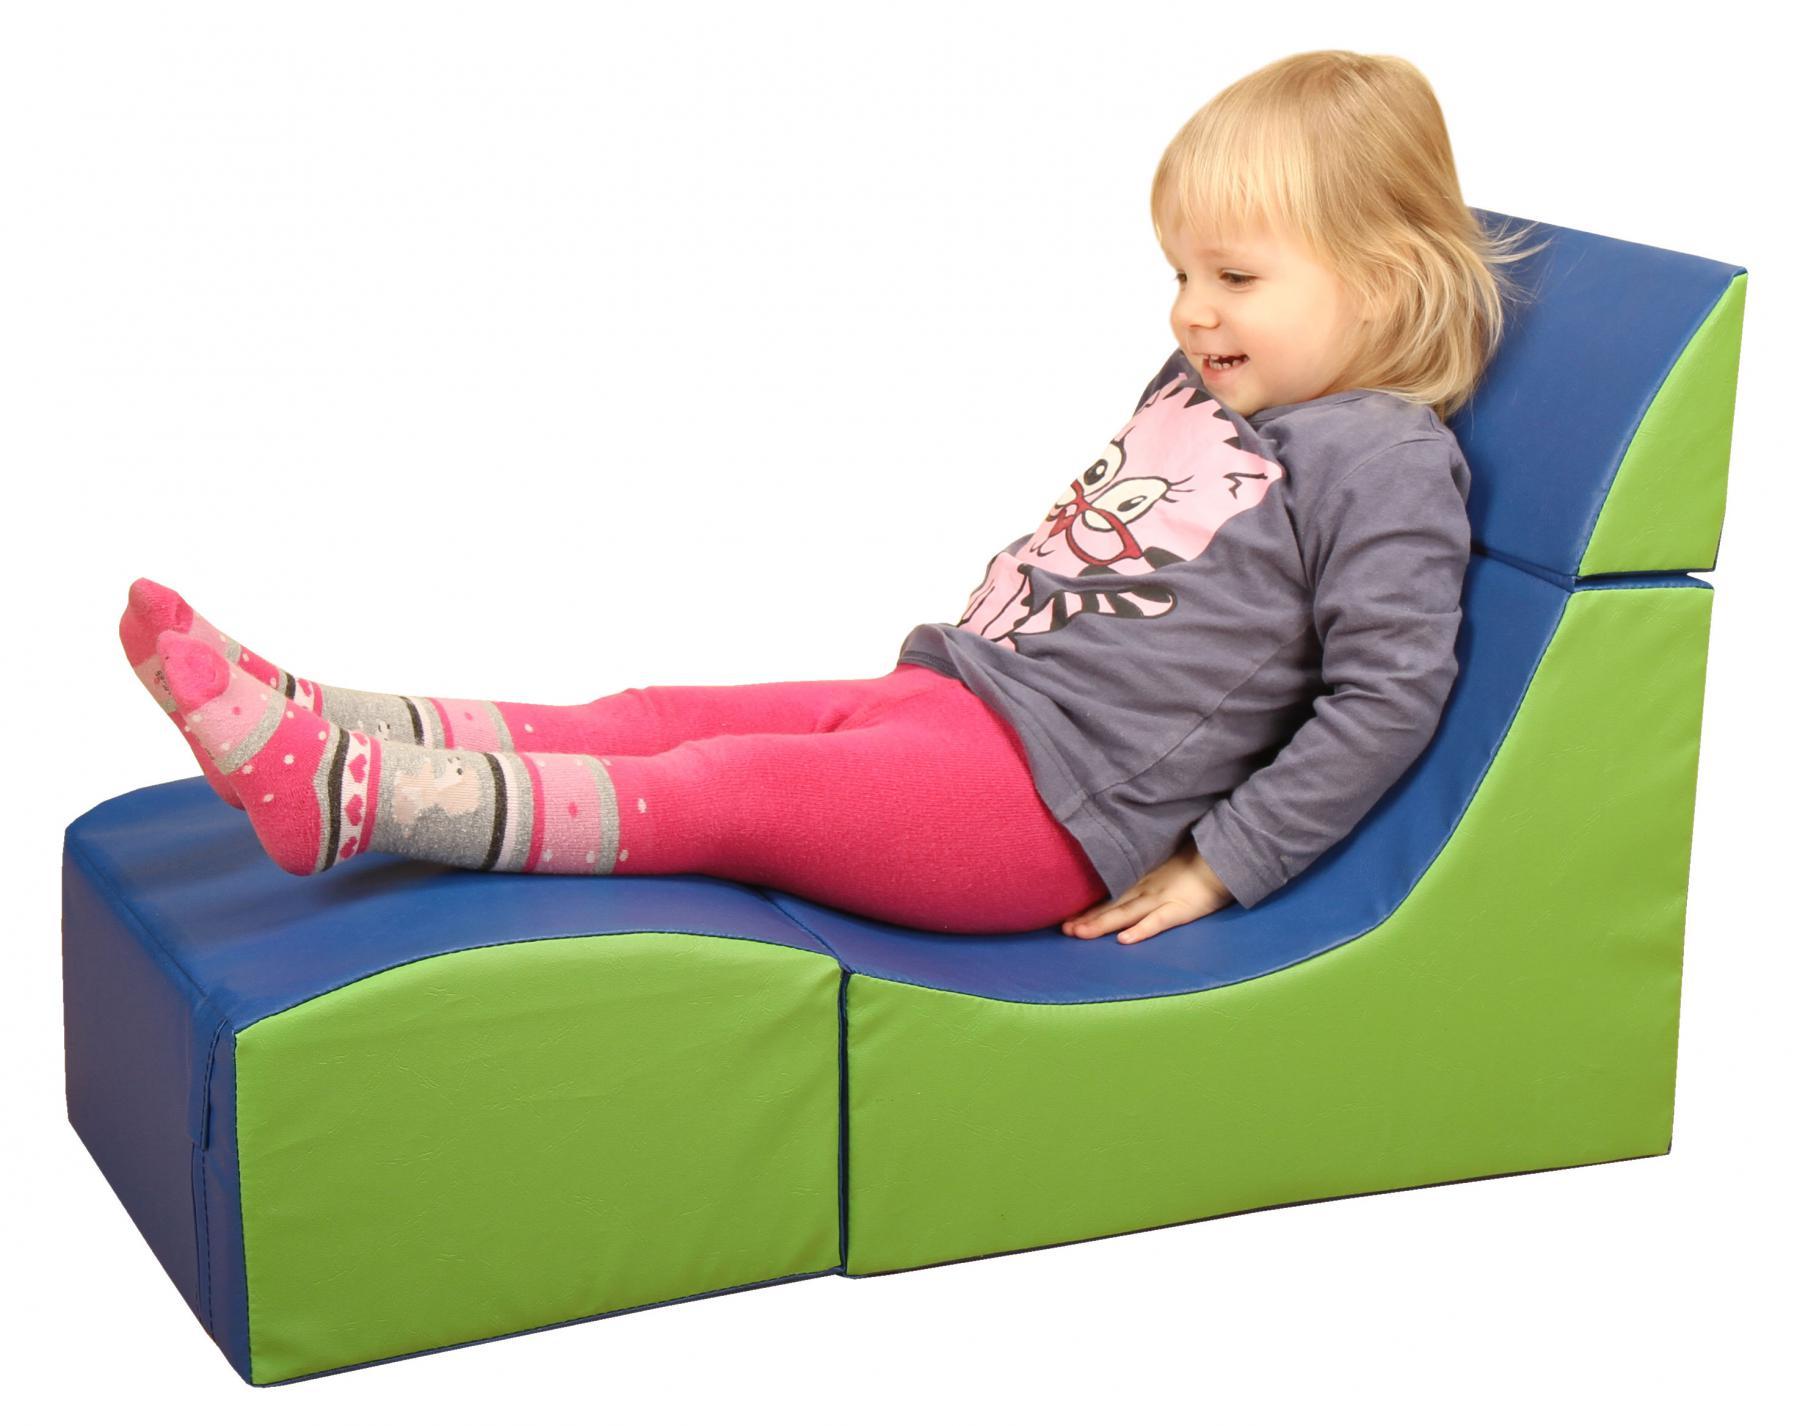 b nfer kinder klappsessel liege sessel kindersessel schaumstoffsessel kaufen bei euro direkt. Black Bedroom Furniture Sets. Home Design Ideas